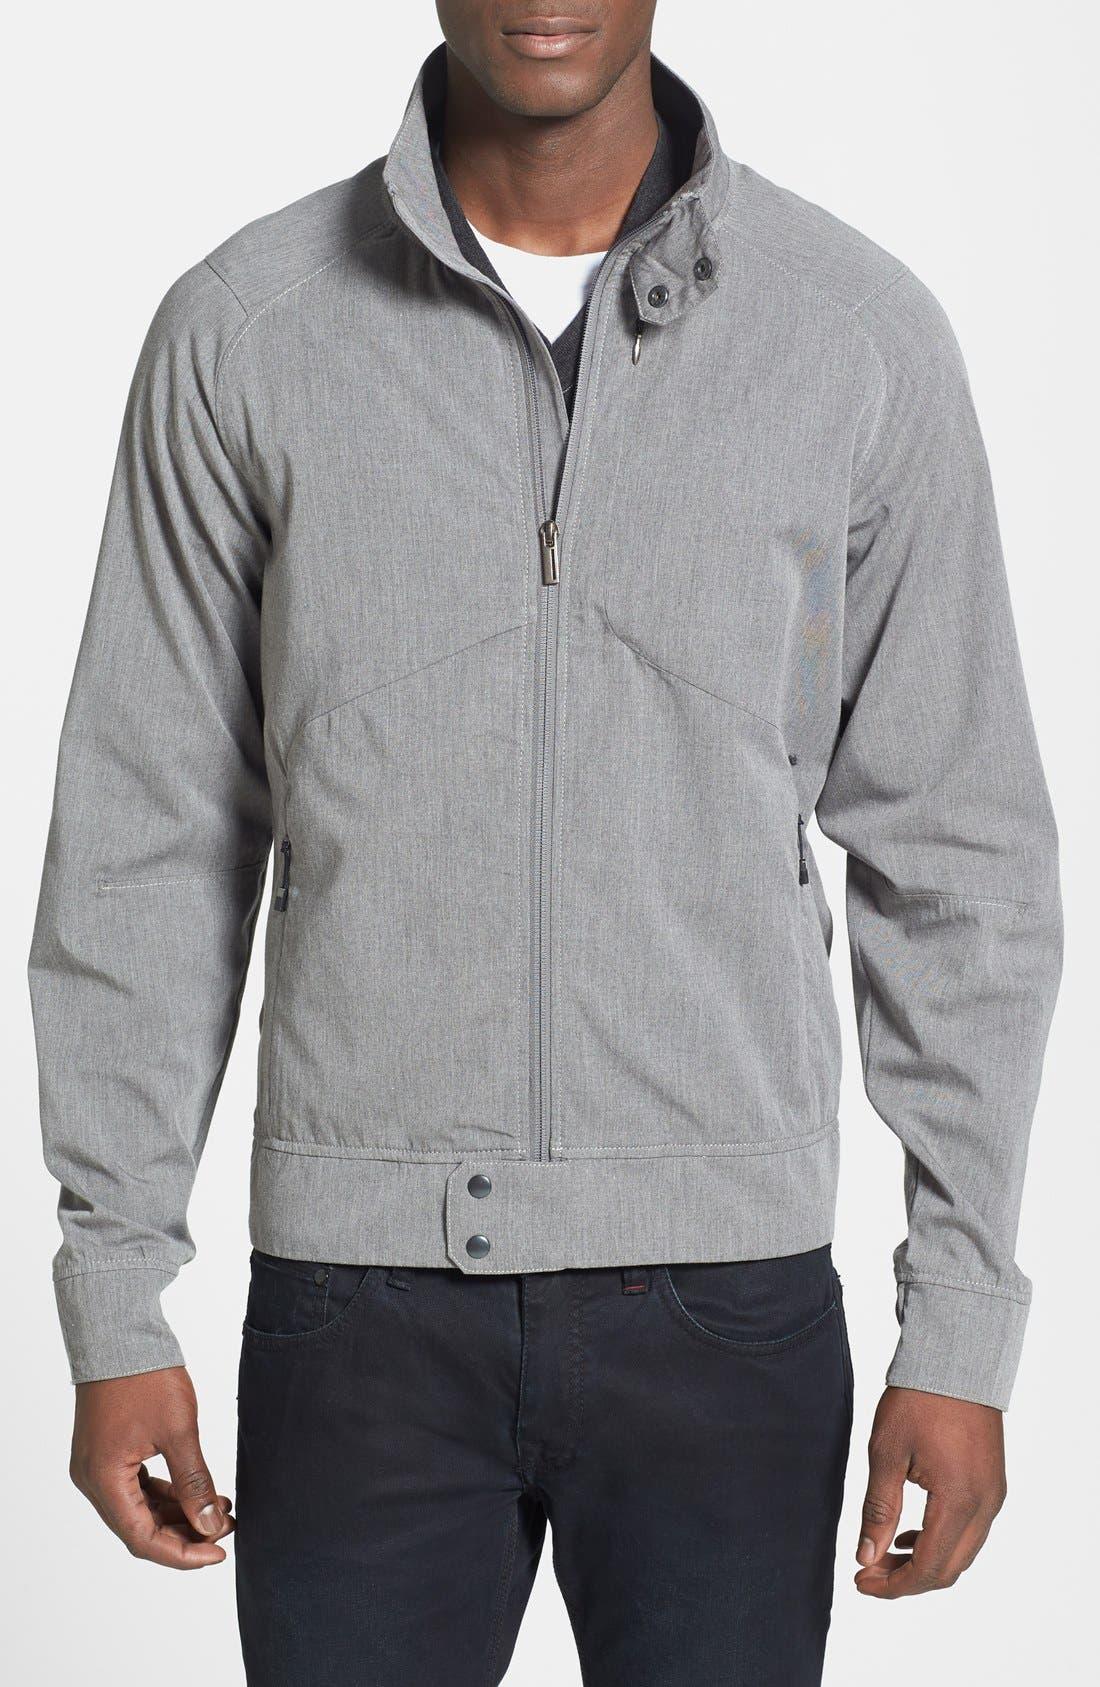 Alternate Image 1 Selected - Nau 'Amble' Jacket